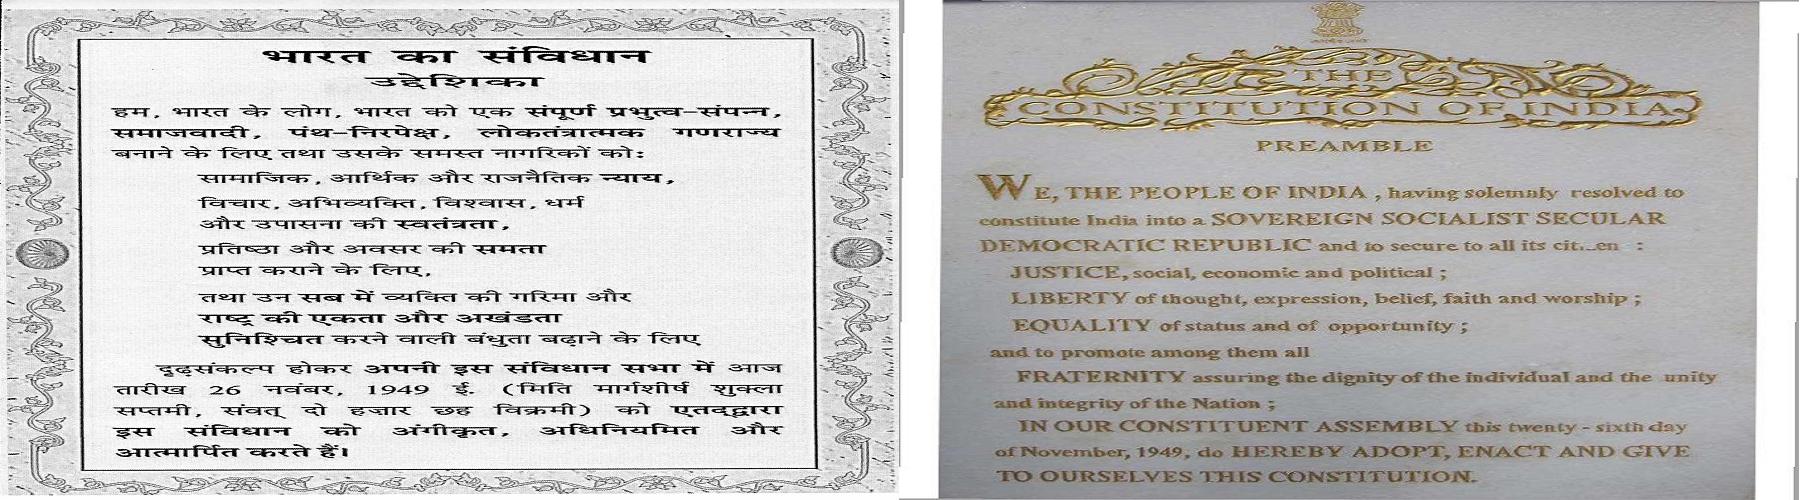 26 नवम्बर, 2020 को संविधान दिवस मनाए जाने और संविधान की उद्देशिका पढ़े जाने के संबंध में